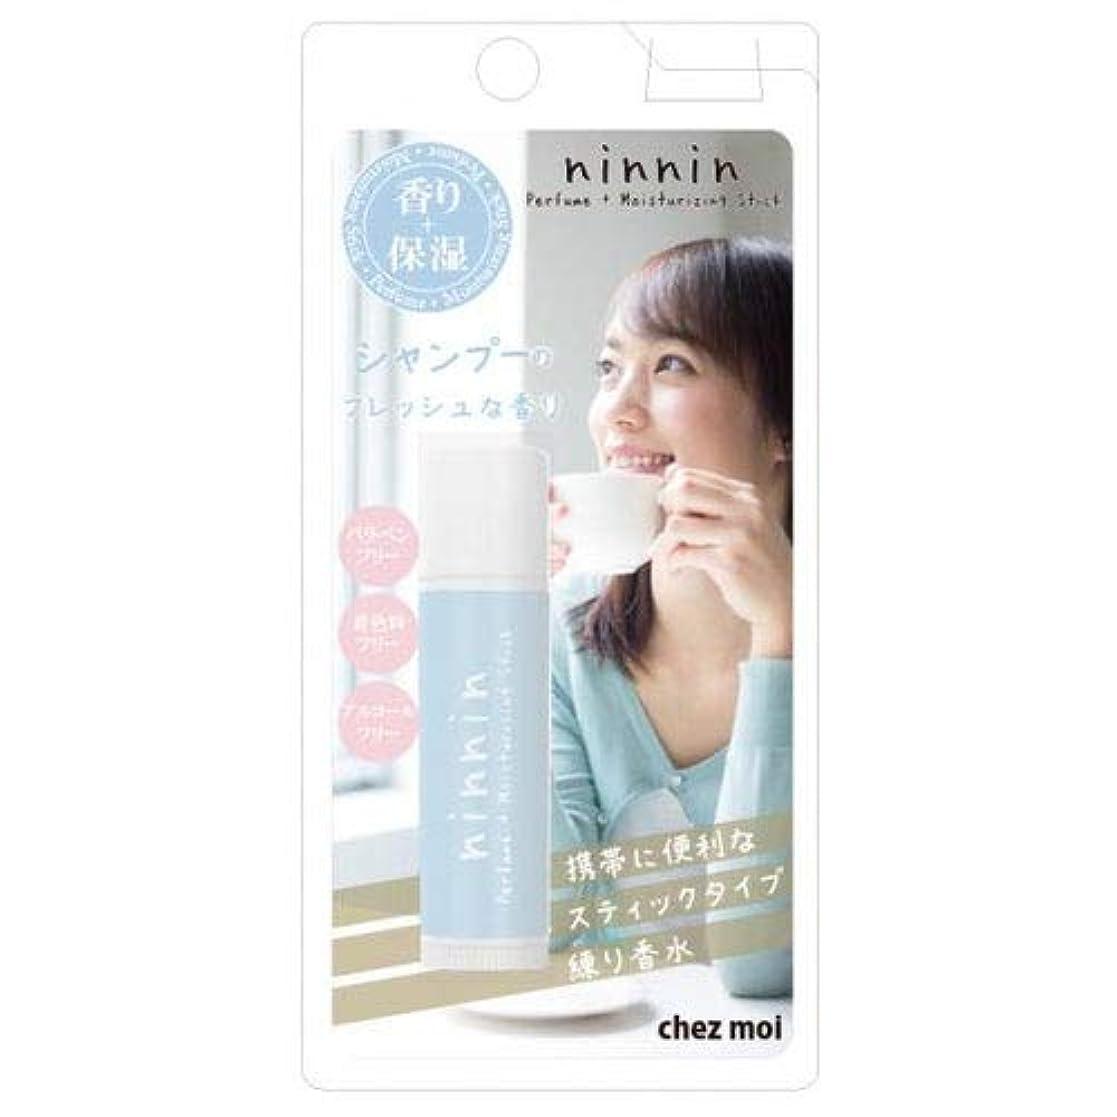 排除する梨免除ninnin ナンナン Perfume+Moisturizing Stick シャンプー